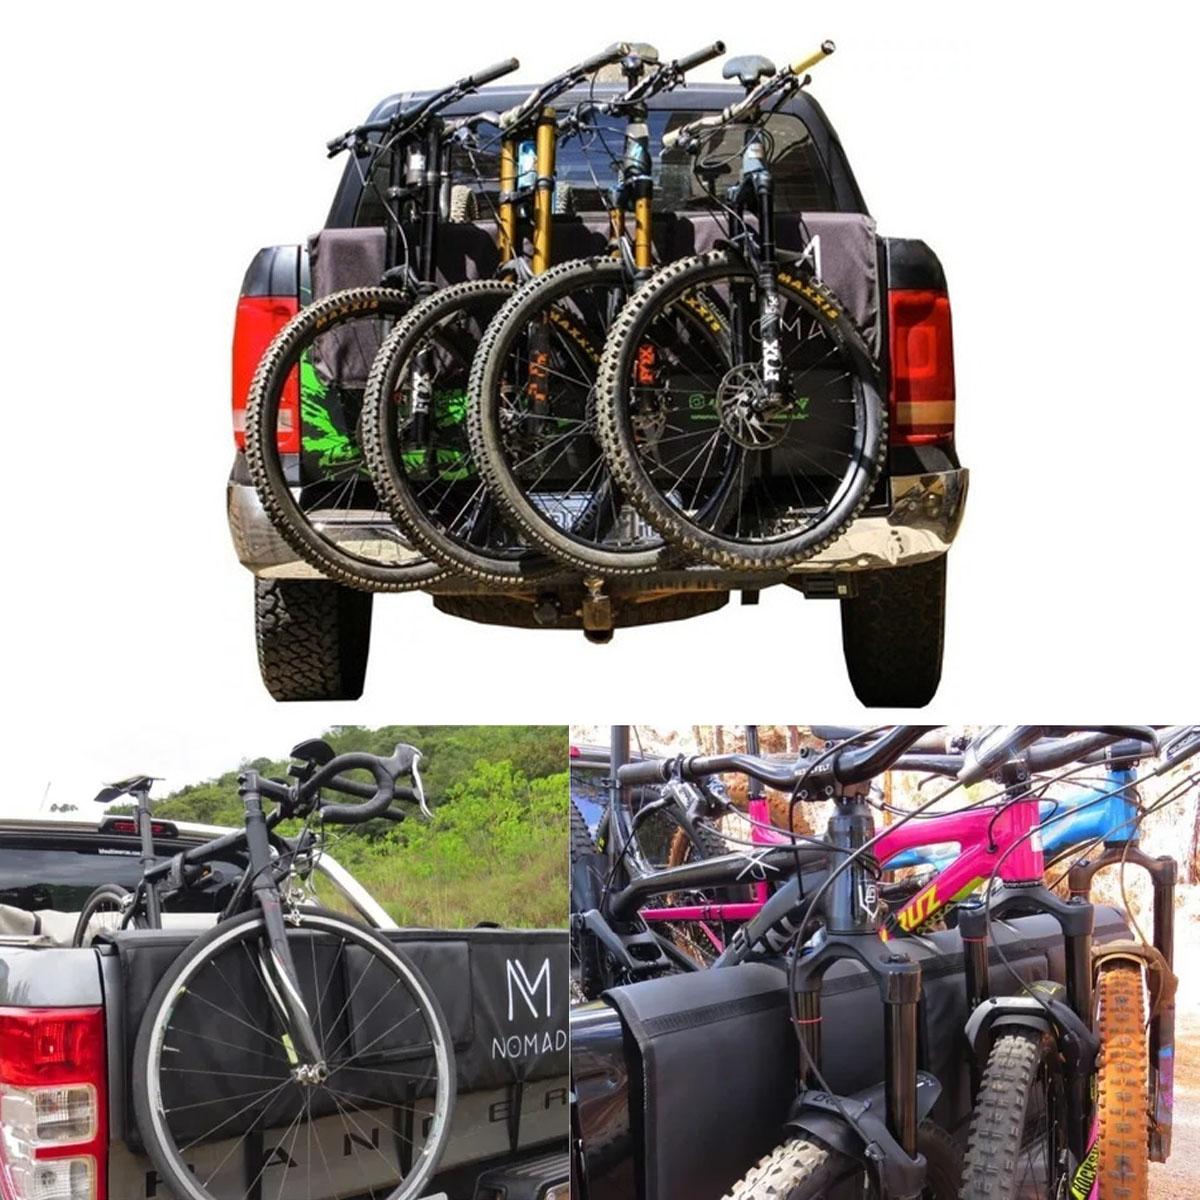 Truckpad Grande Nomad Suporte para Bicicleta até 5 Bike Poliparts